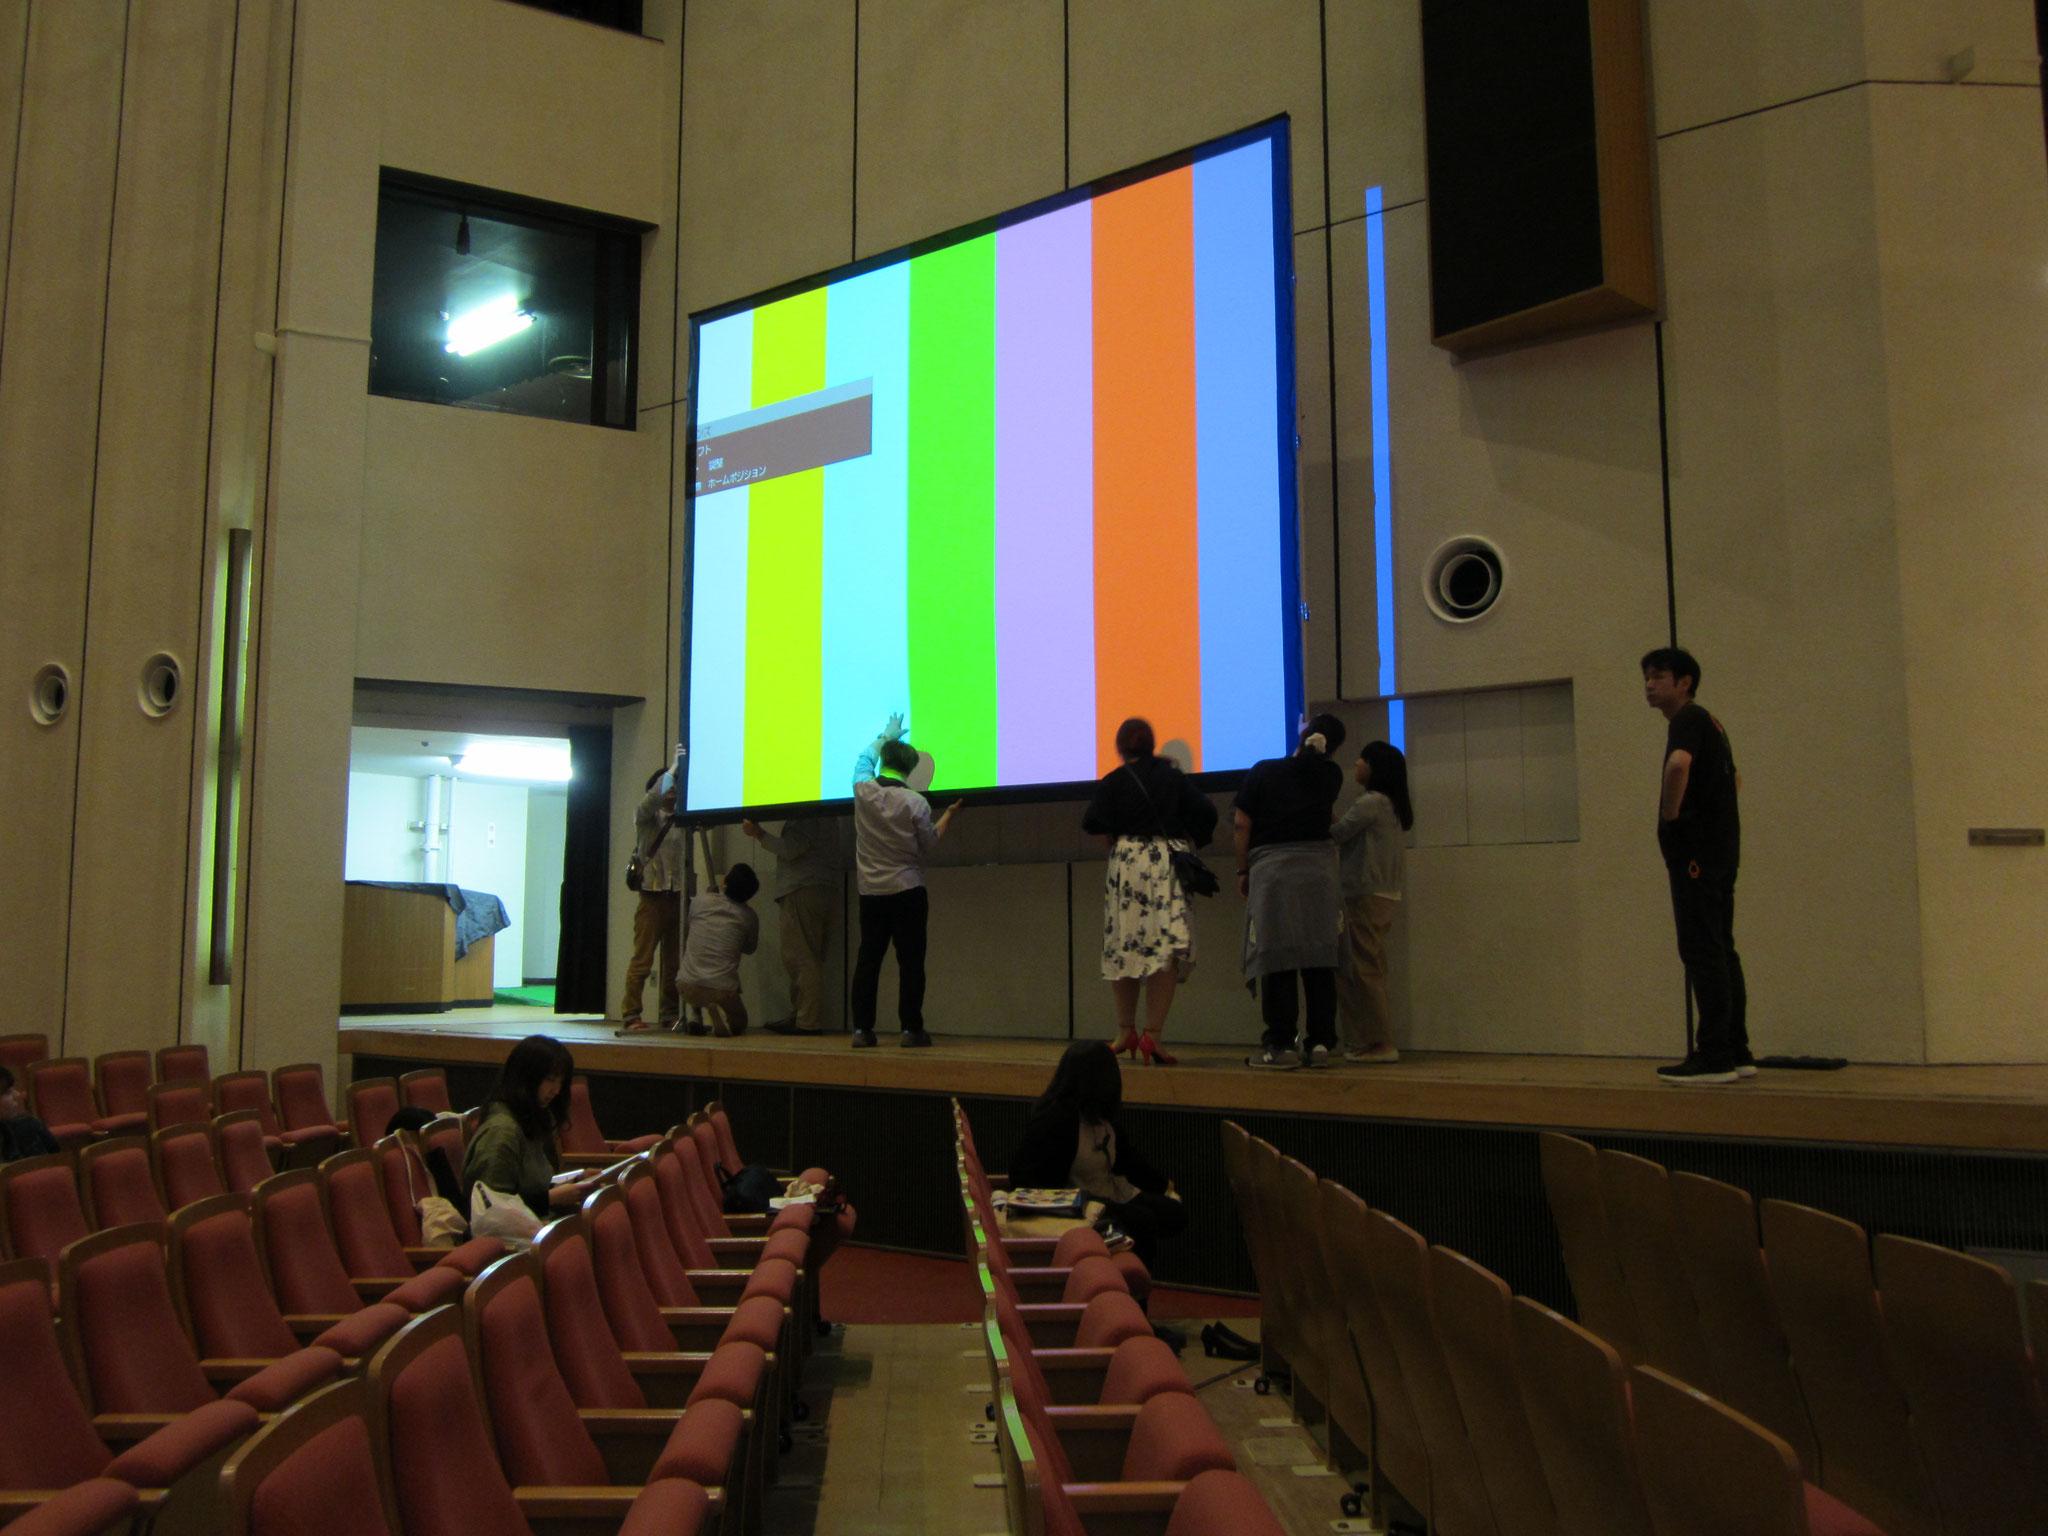 今回の演奏会では、このスクリーンを使ってお客様とともにフィールの20年間を振り返ります。